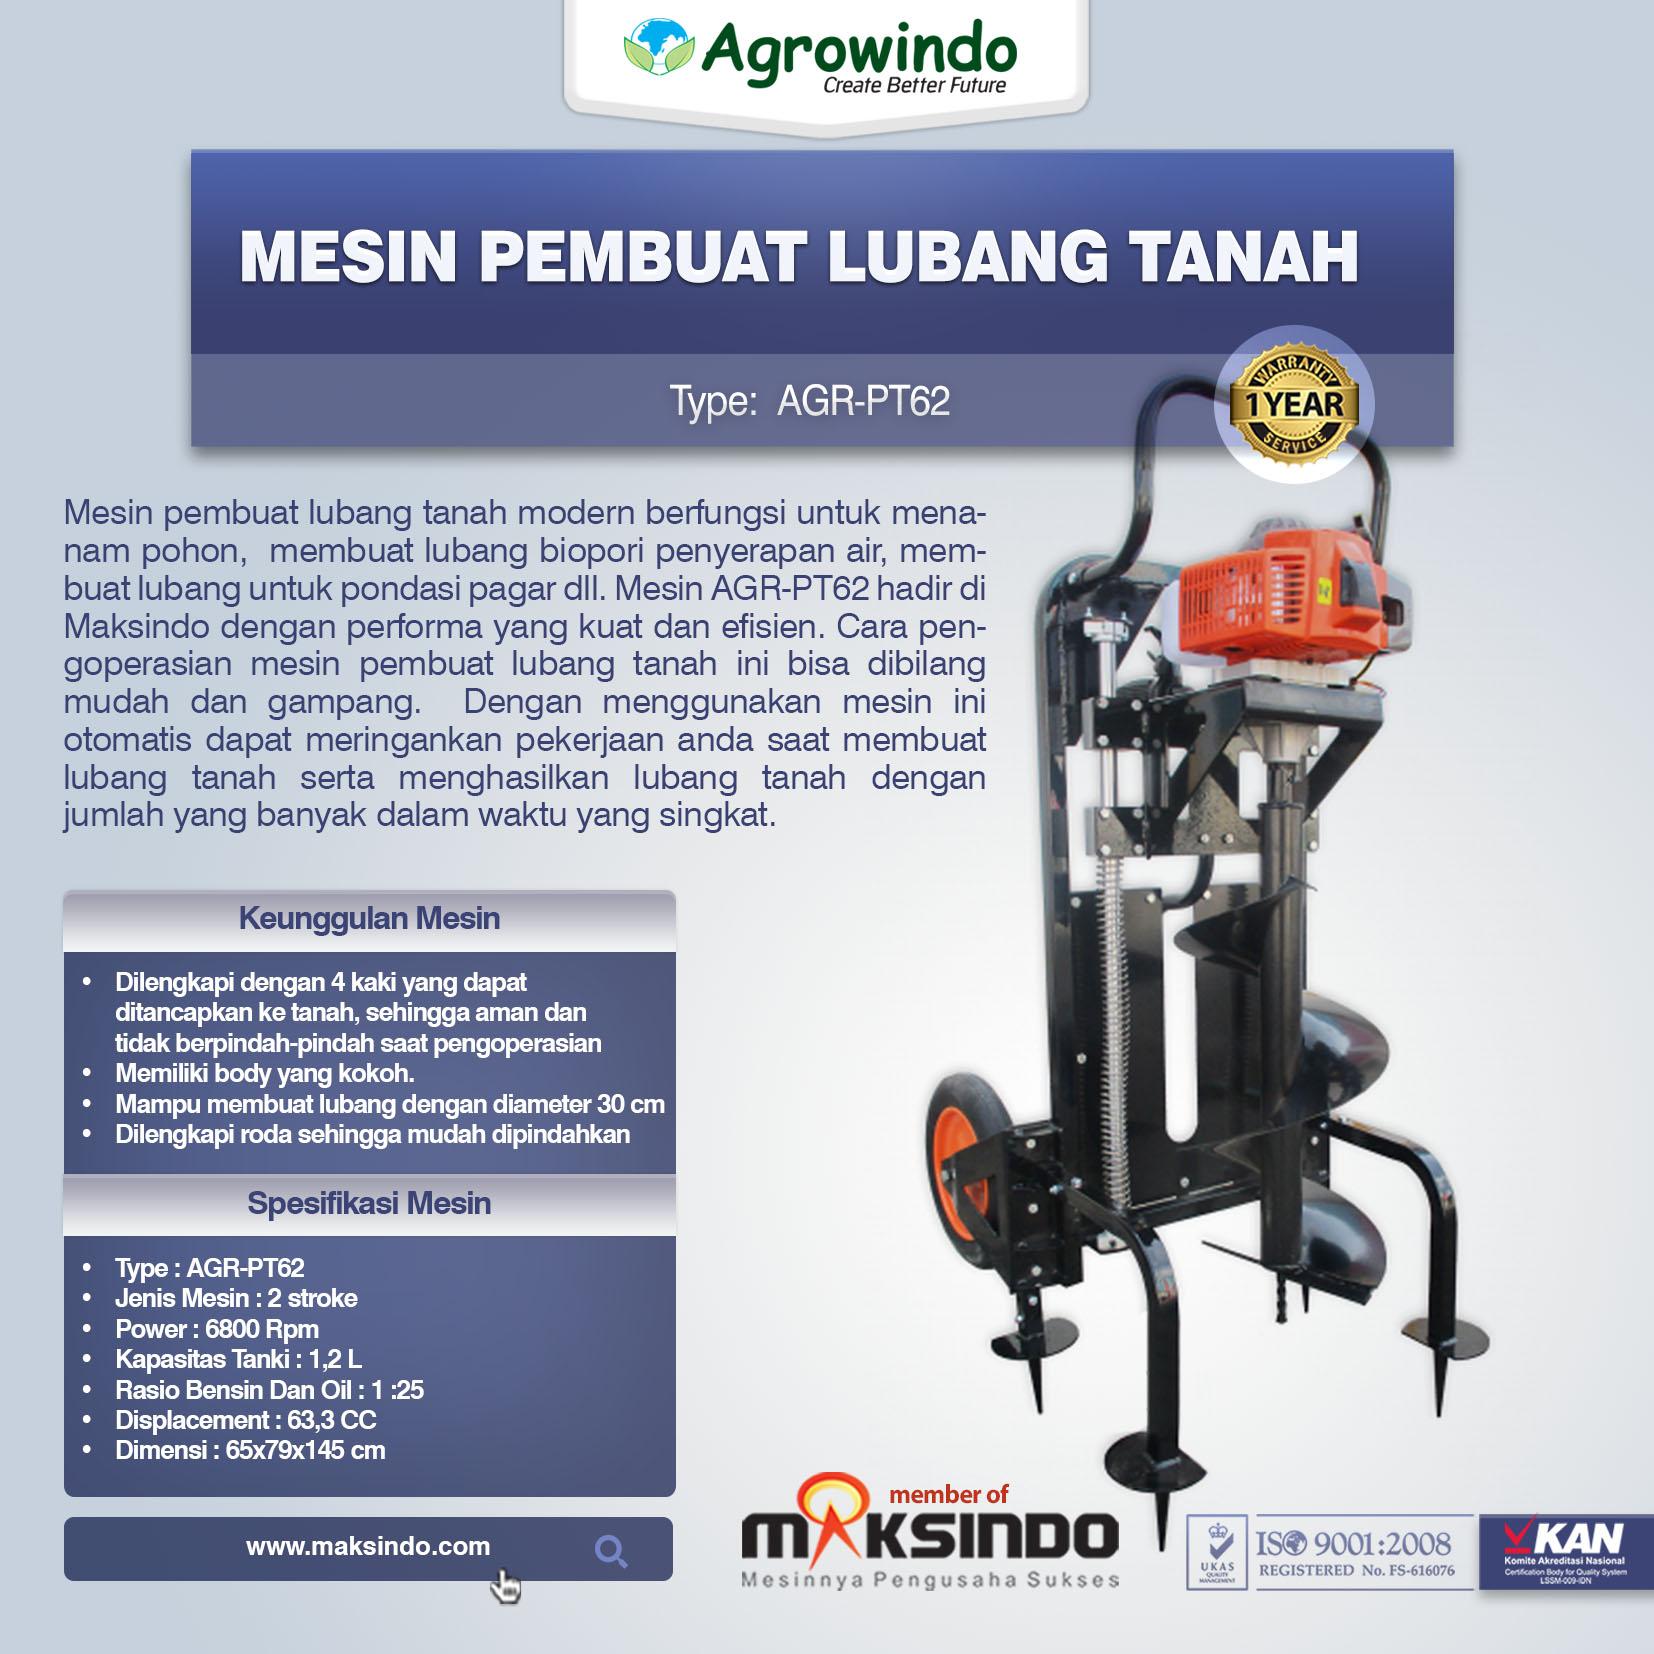 Jual Mesin Pembuat Lubang Tanah AGR-PT62 di Palembang